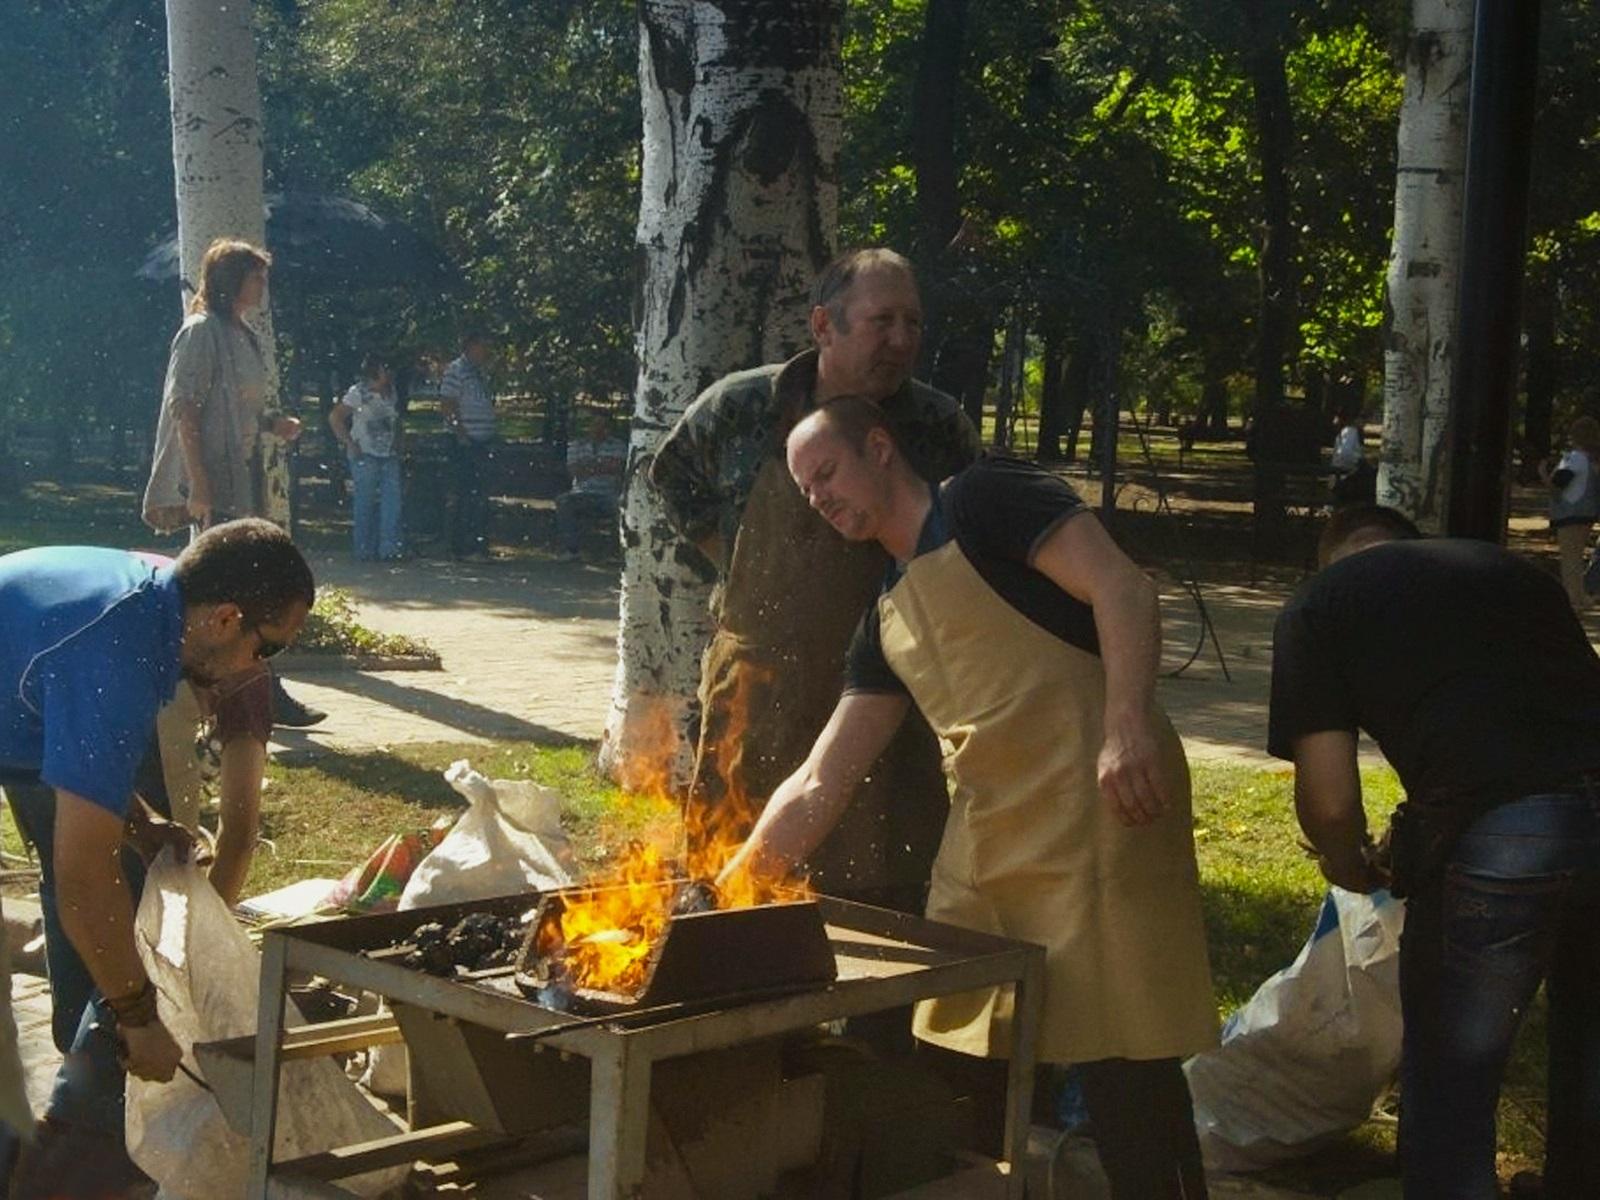 00 dnr donetsk pr blacksmiths 04 190915